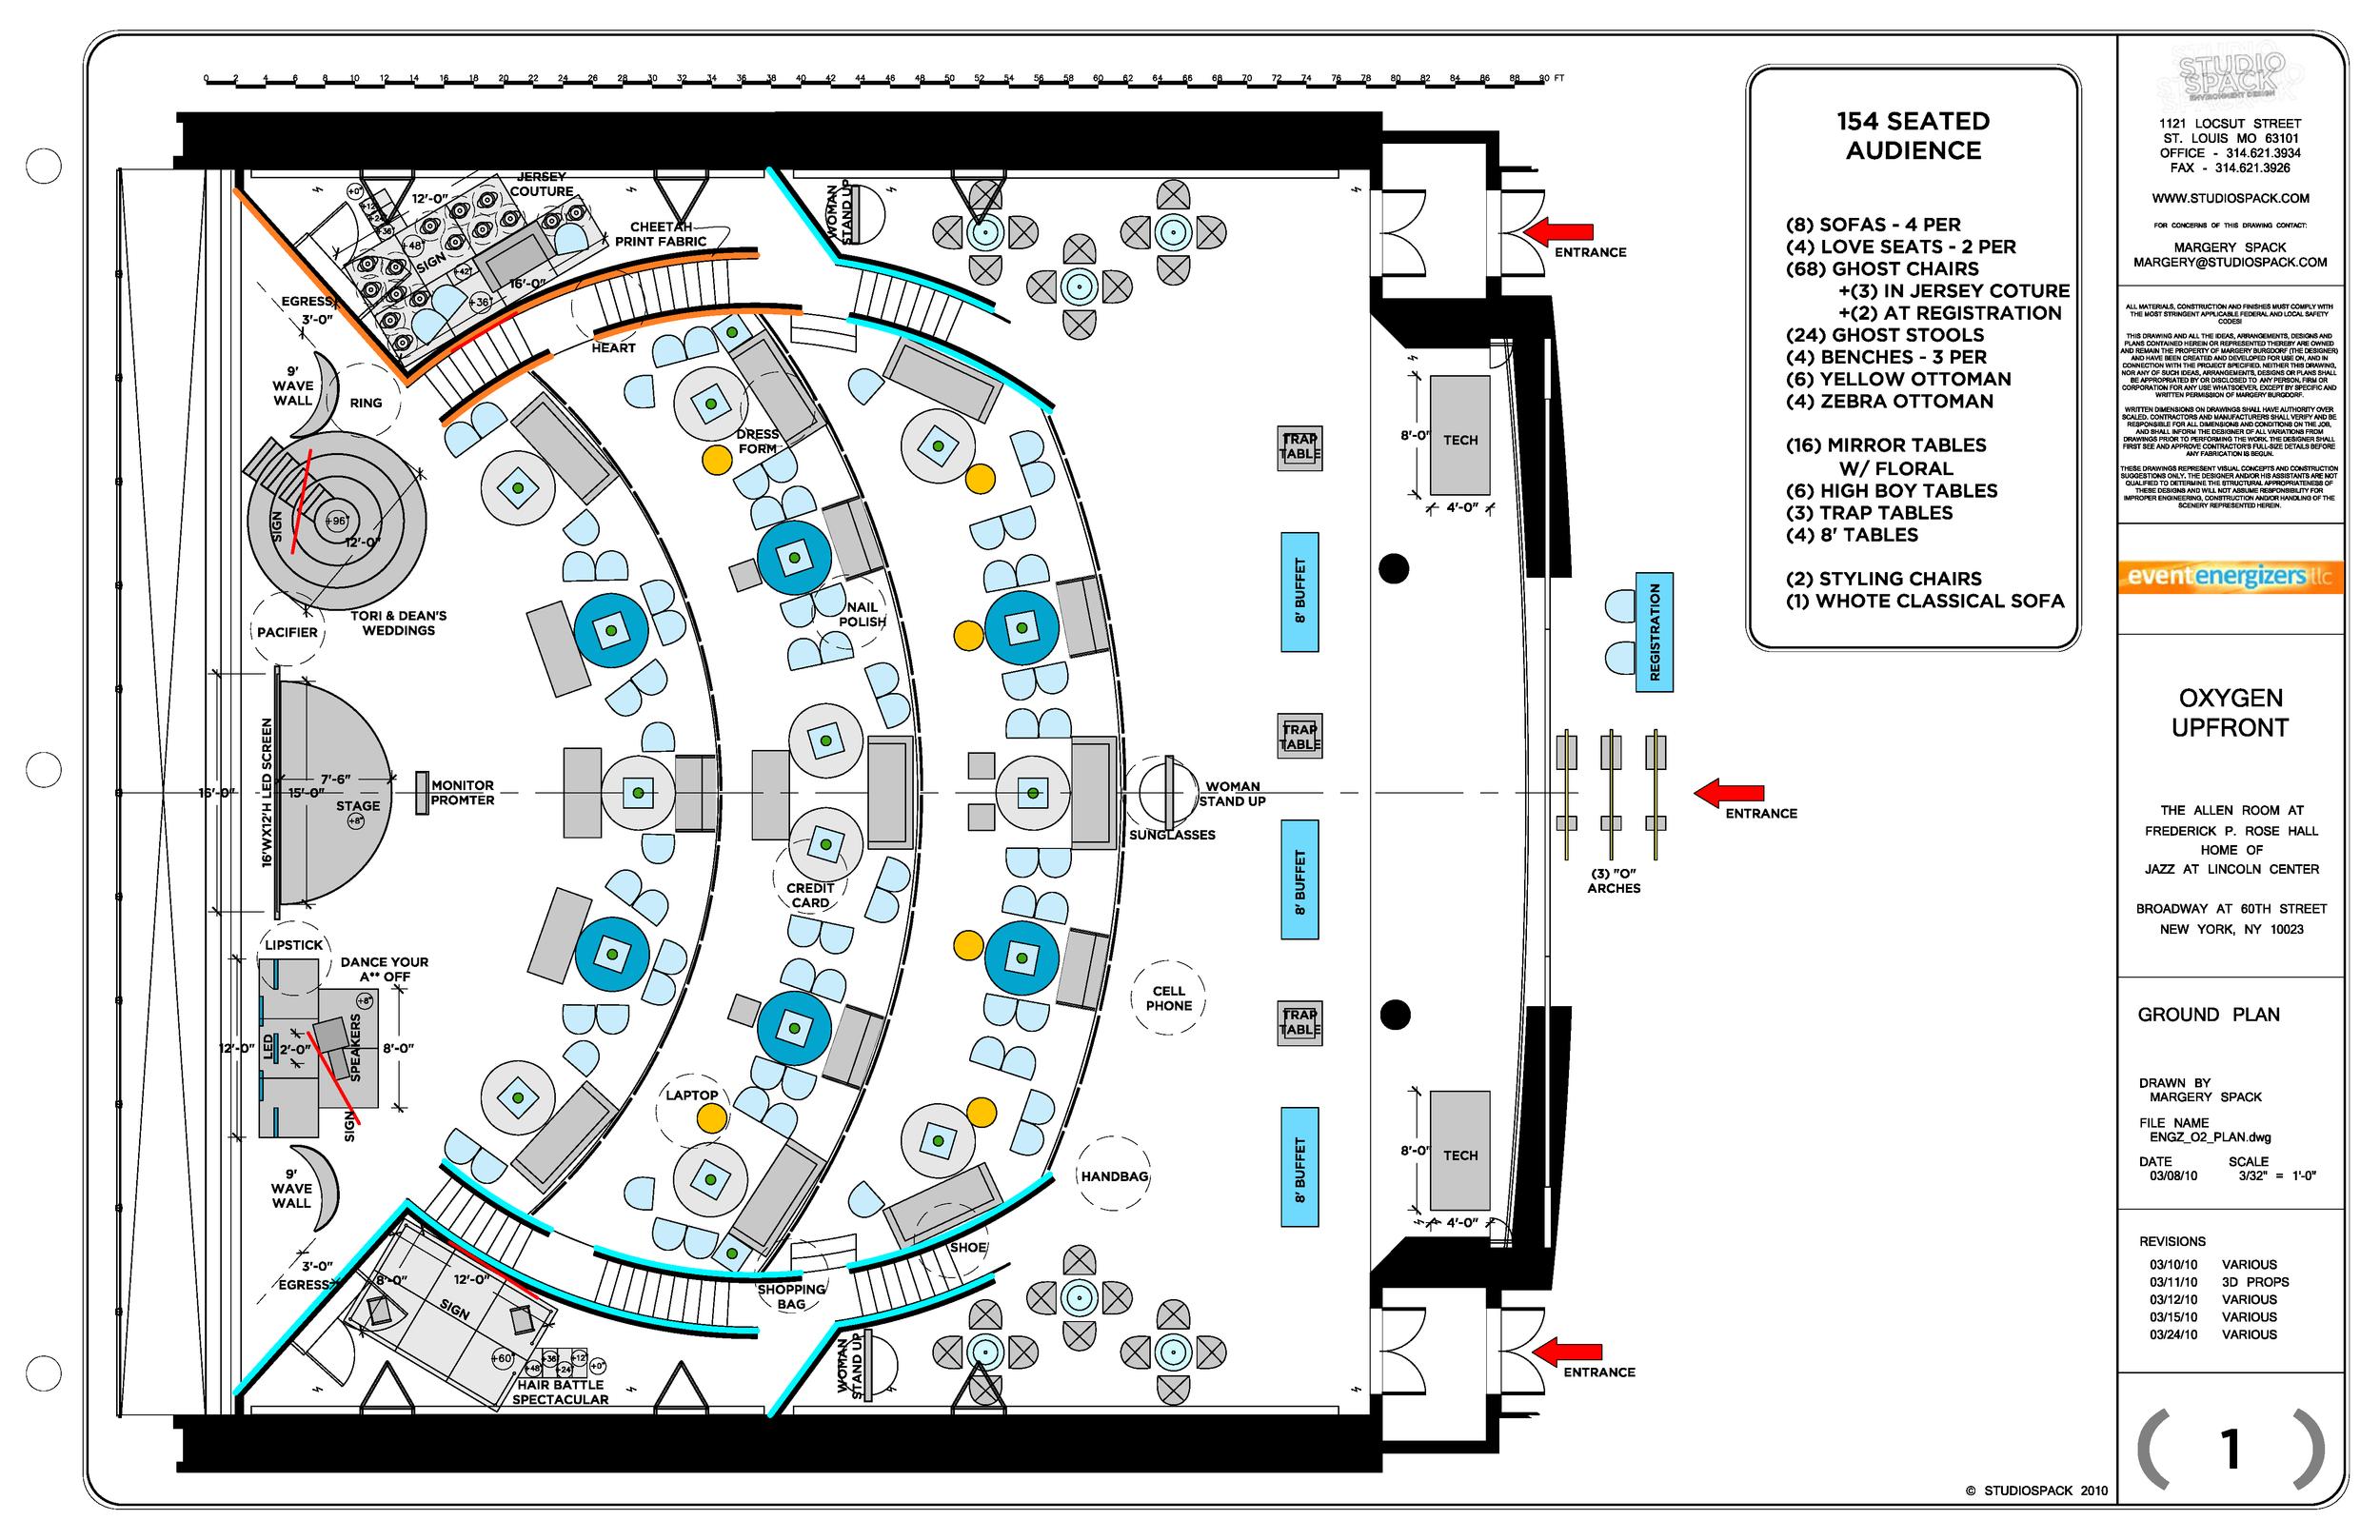 Oxygen Network upfront - ground plan